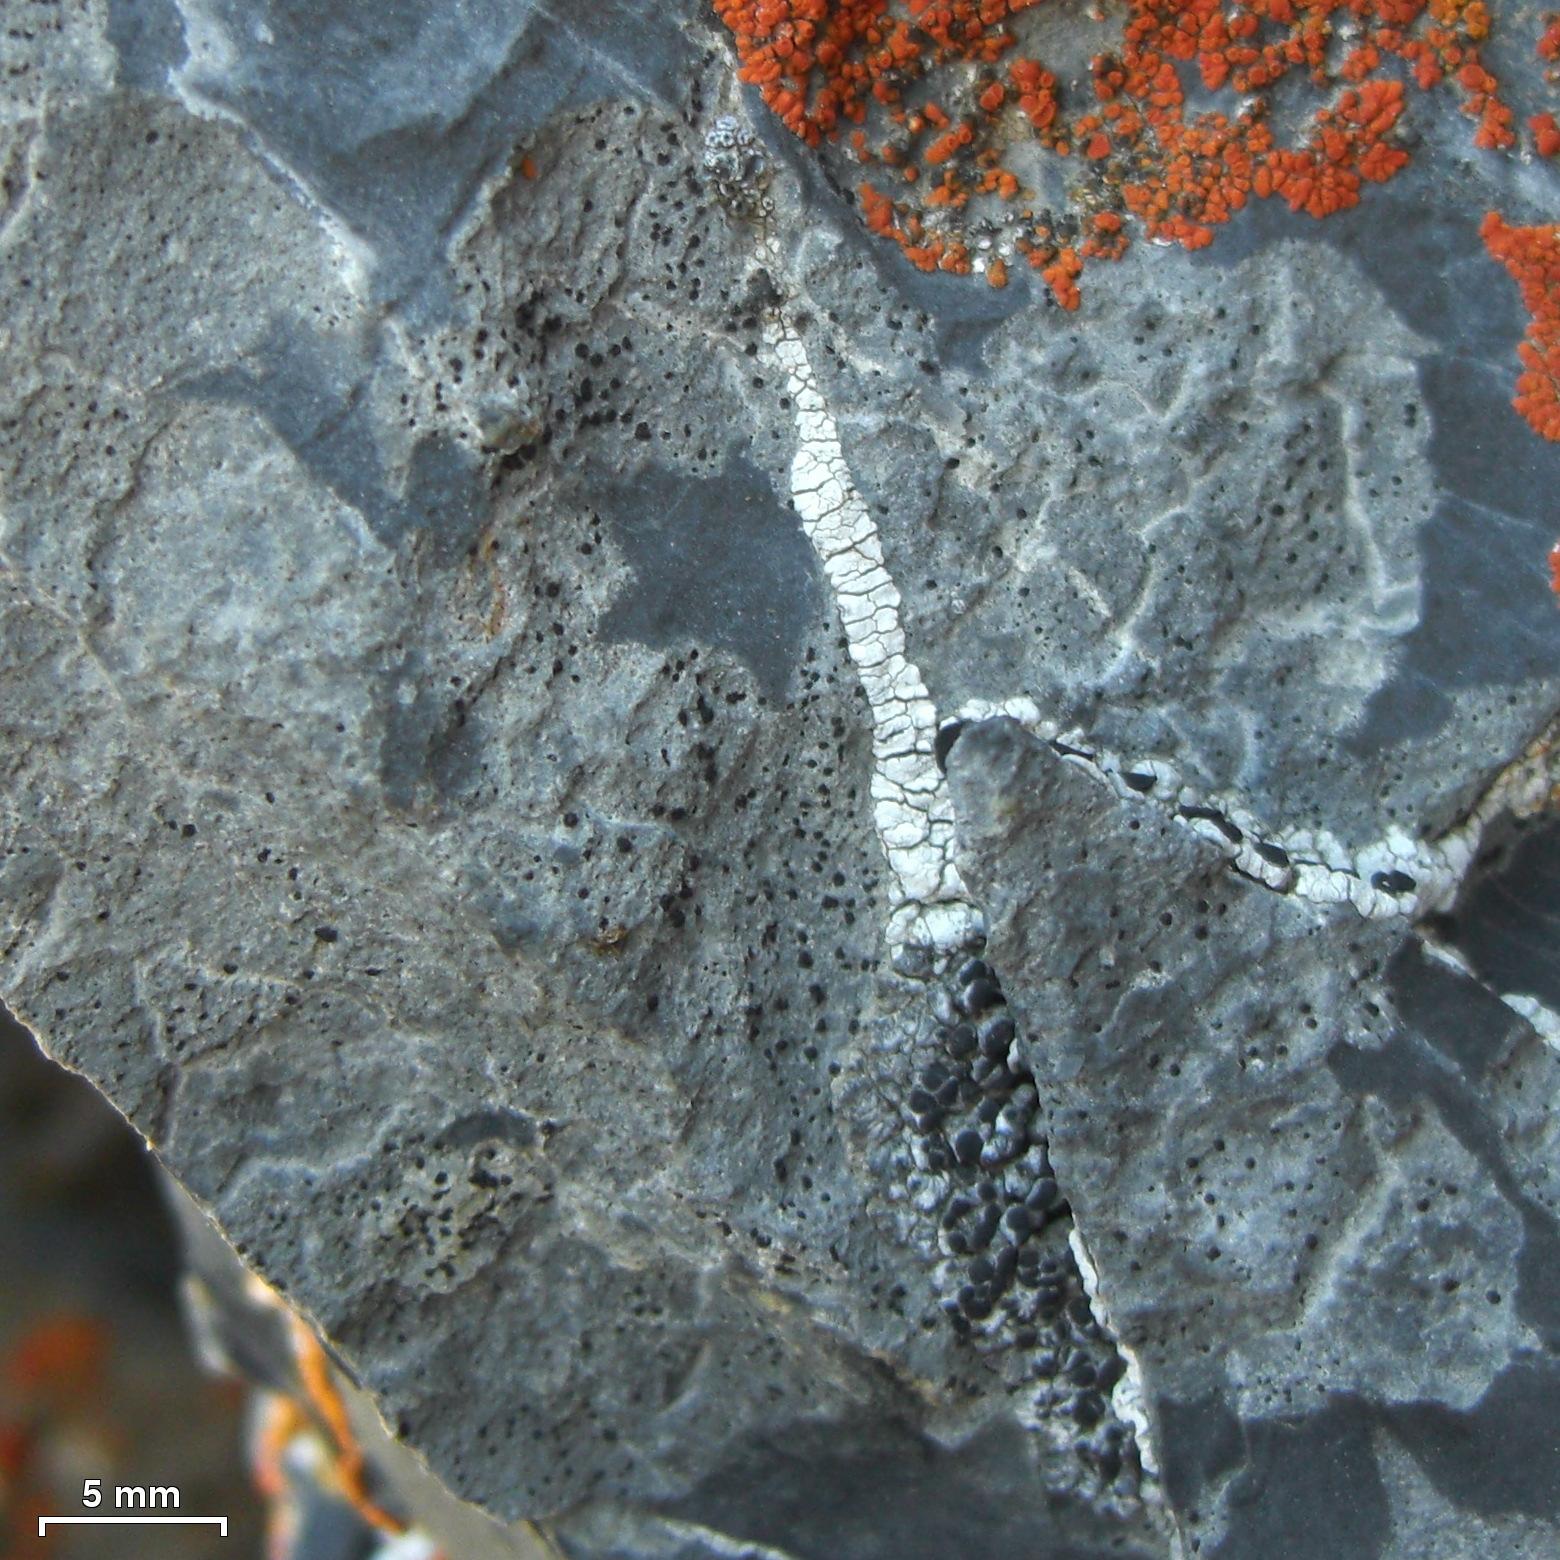 Polysporina image